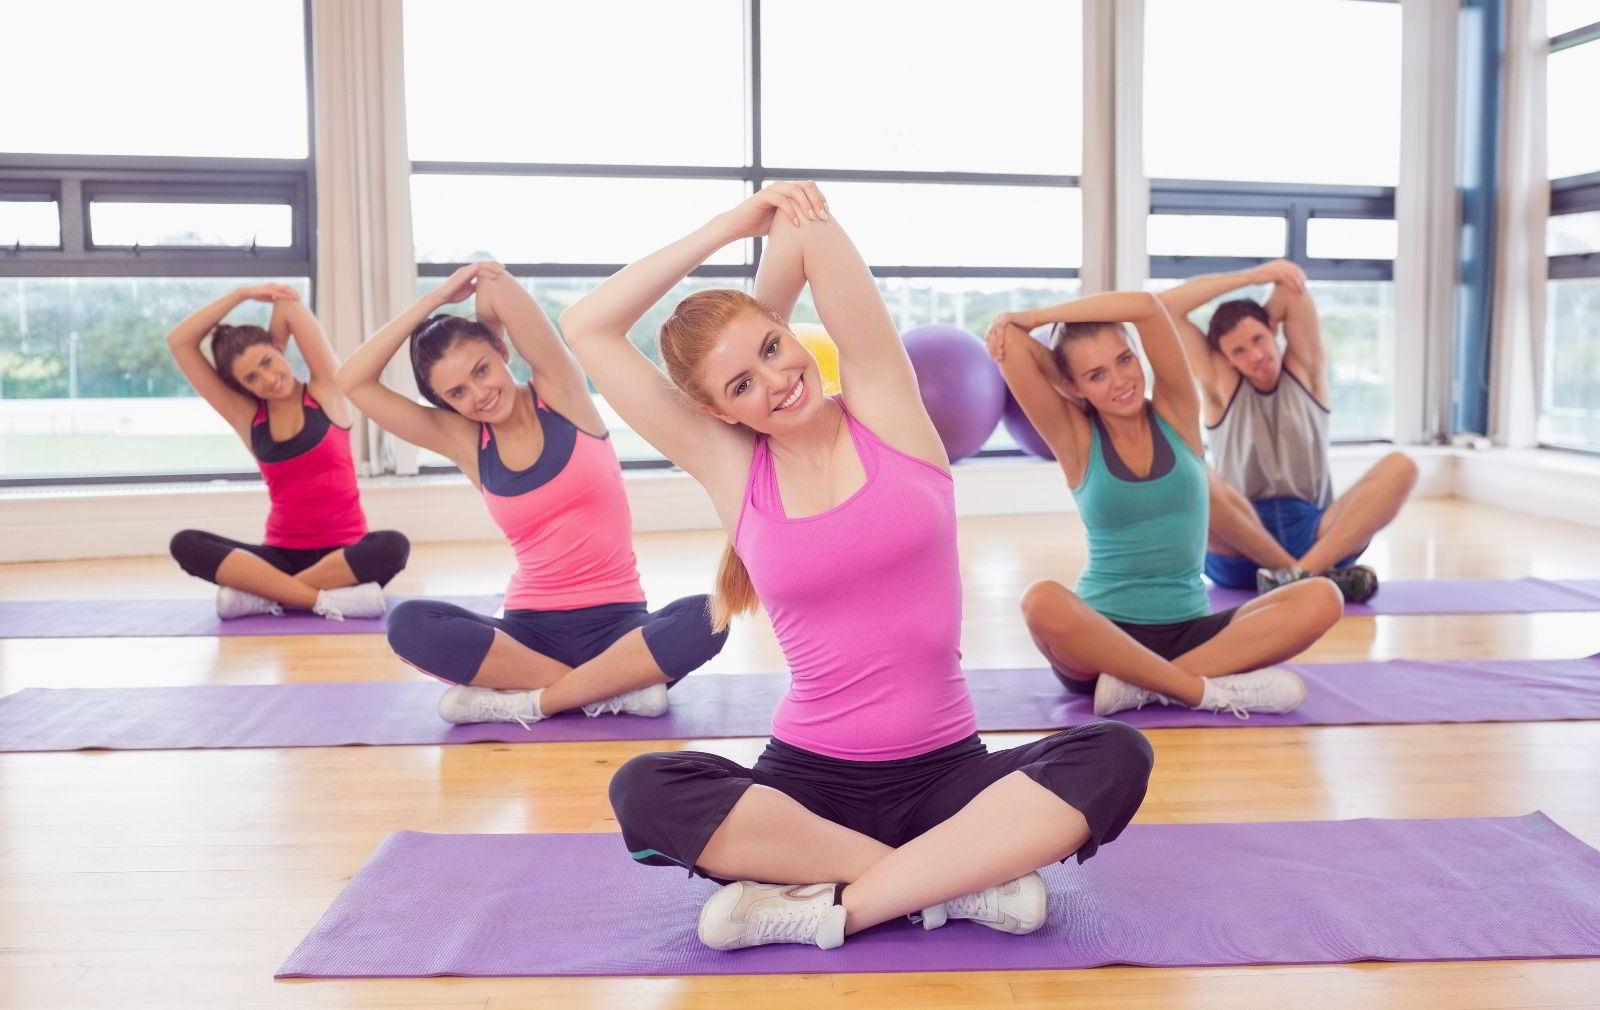 Mujeres haciendo ejercicio en un salón con piso de madera